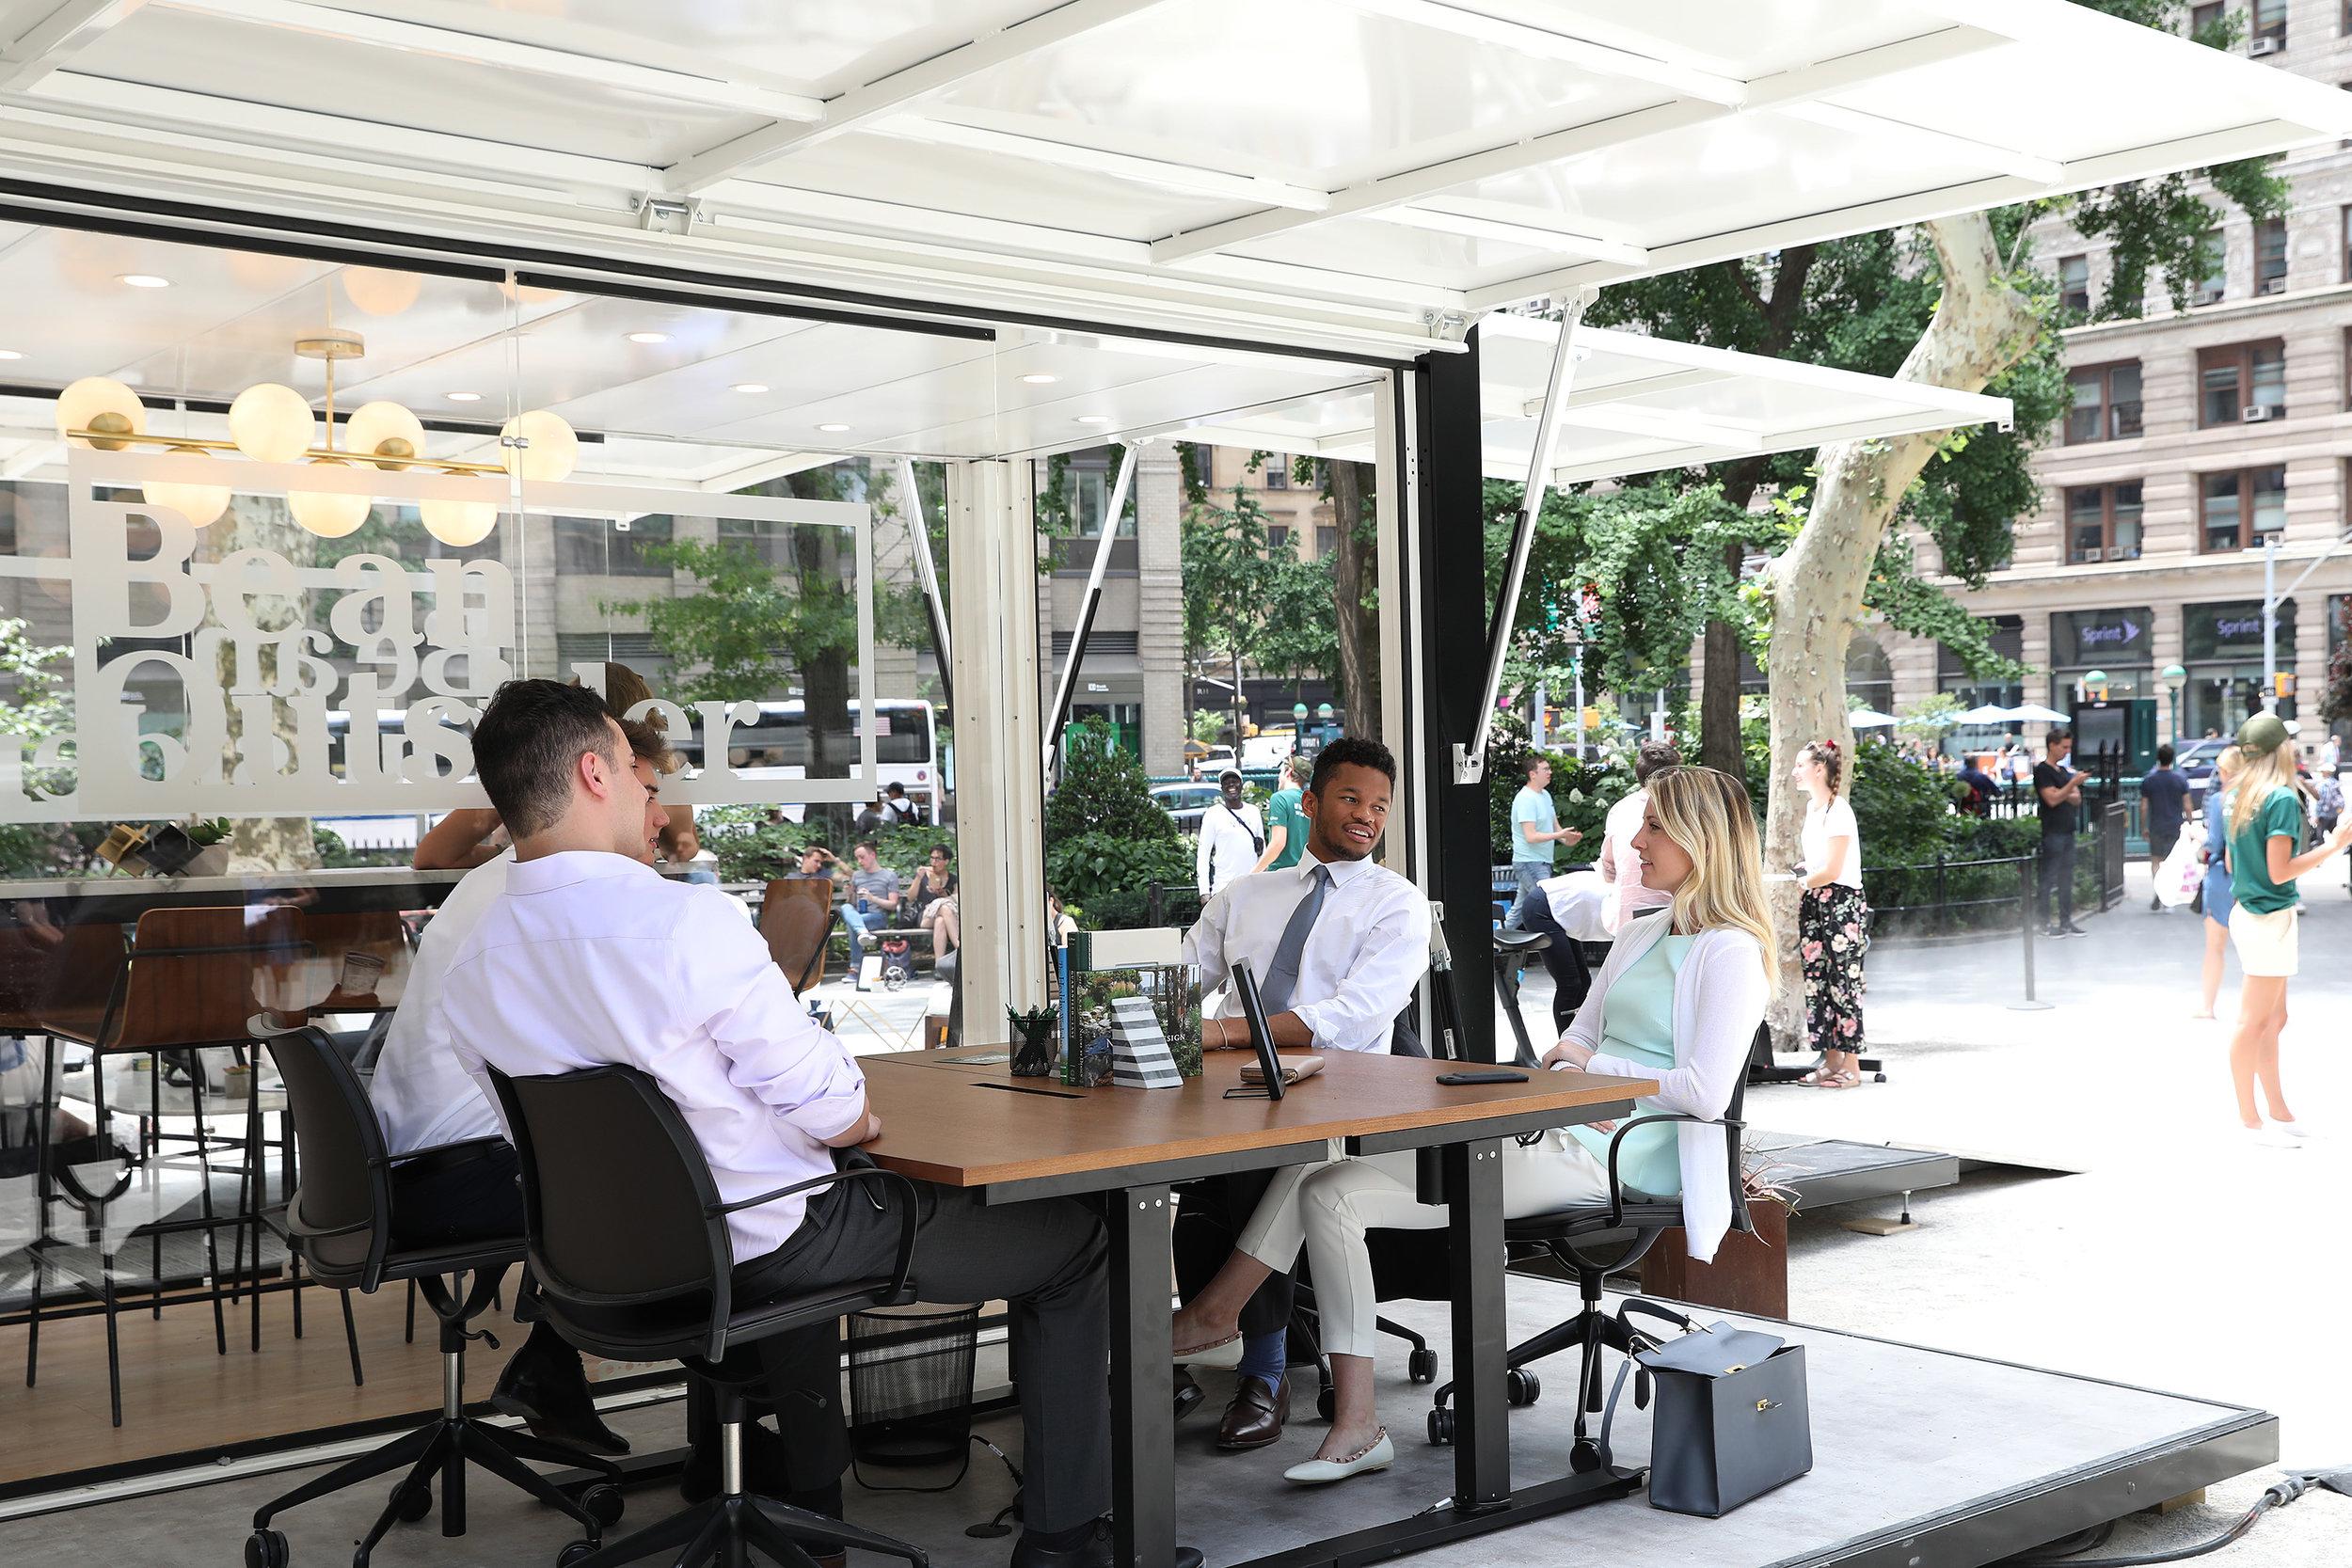 coworking-outdoors.jpg